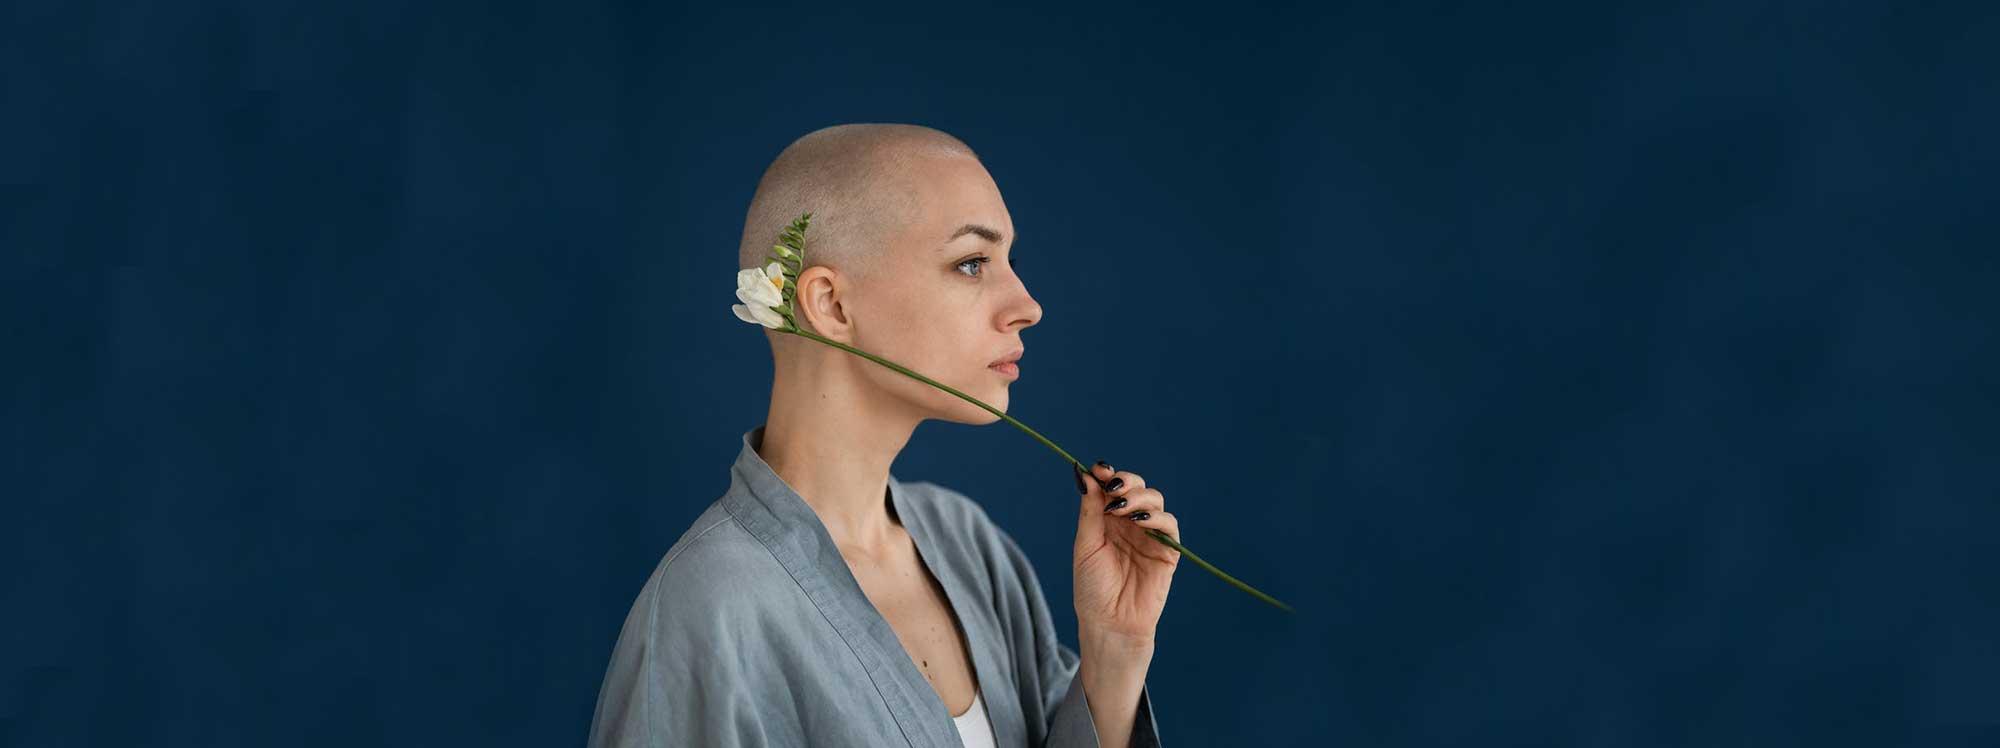 El cáncer de mama abordado como política pública